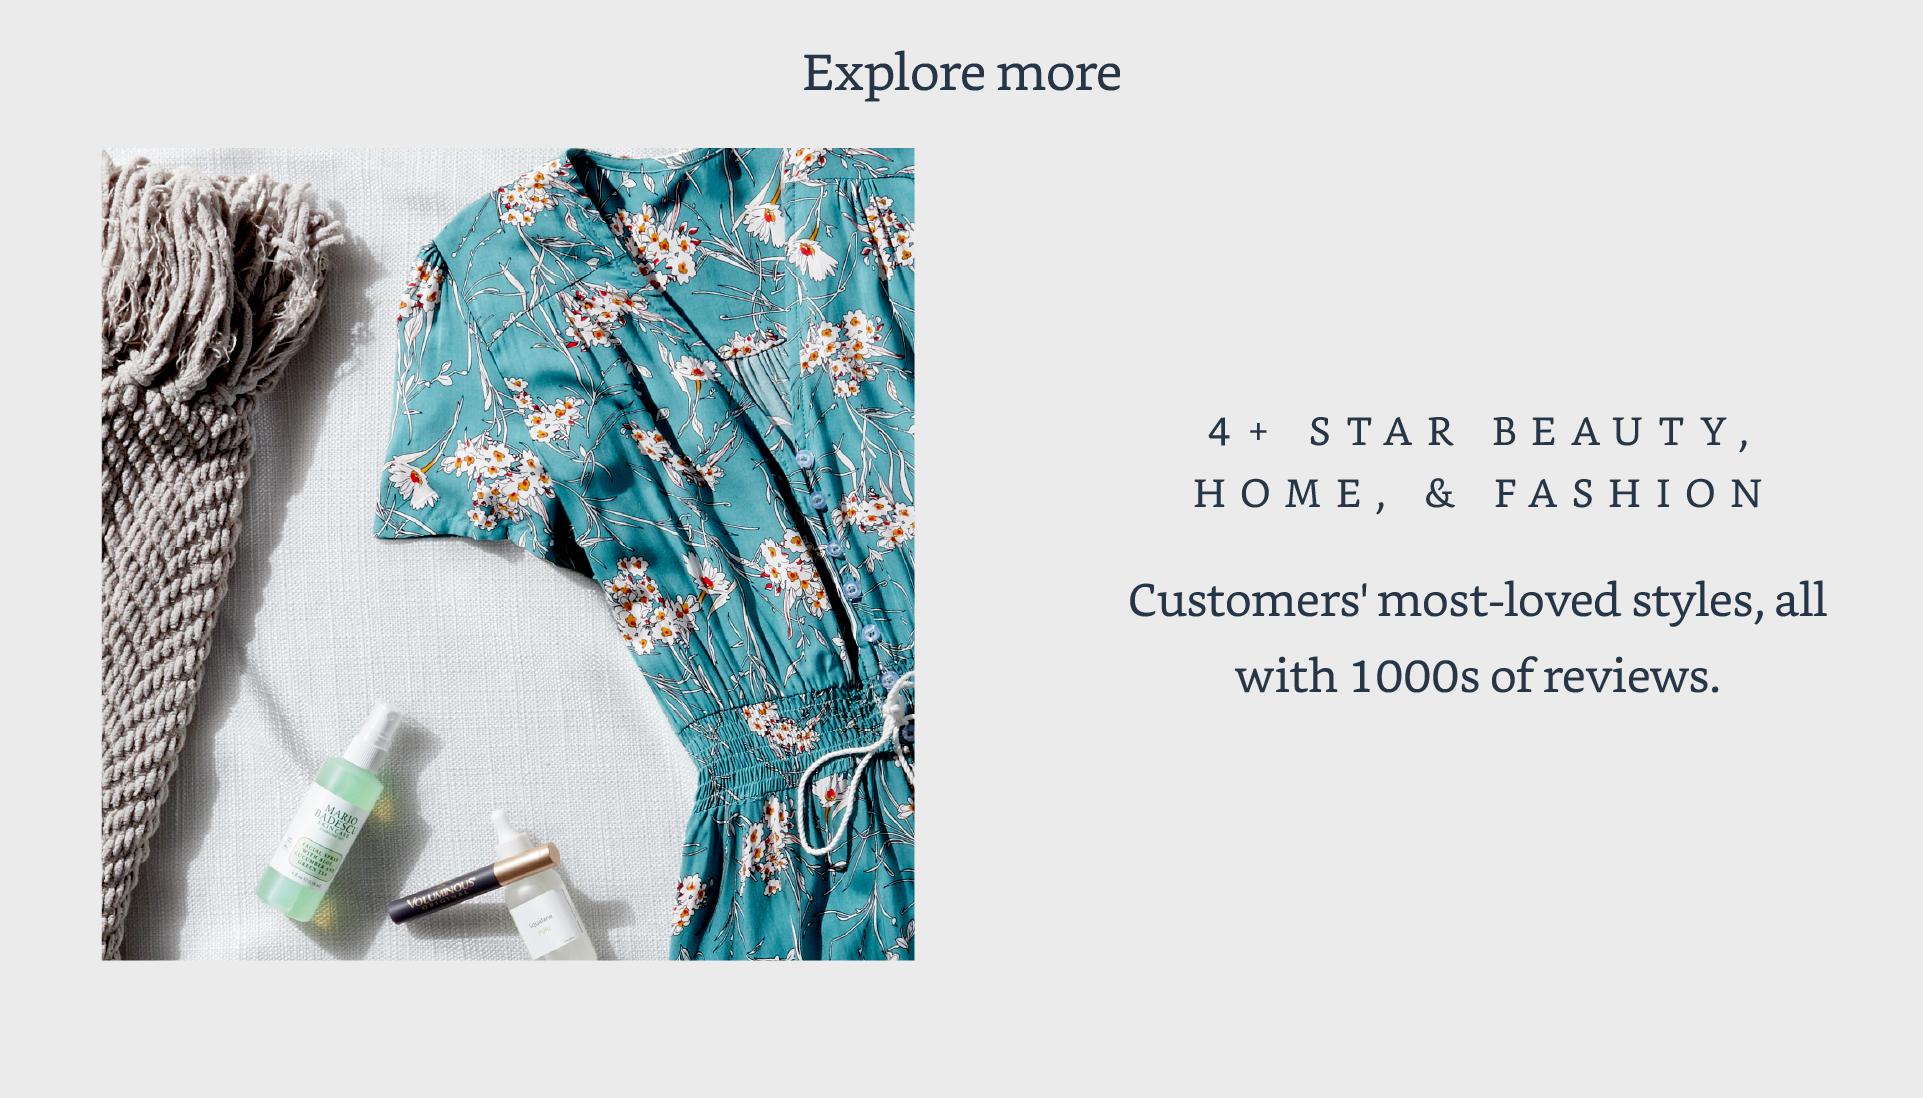 4+ Star beauty, home, & fashion